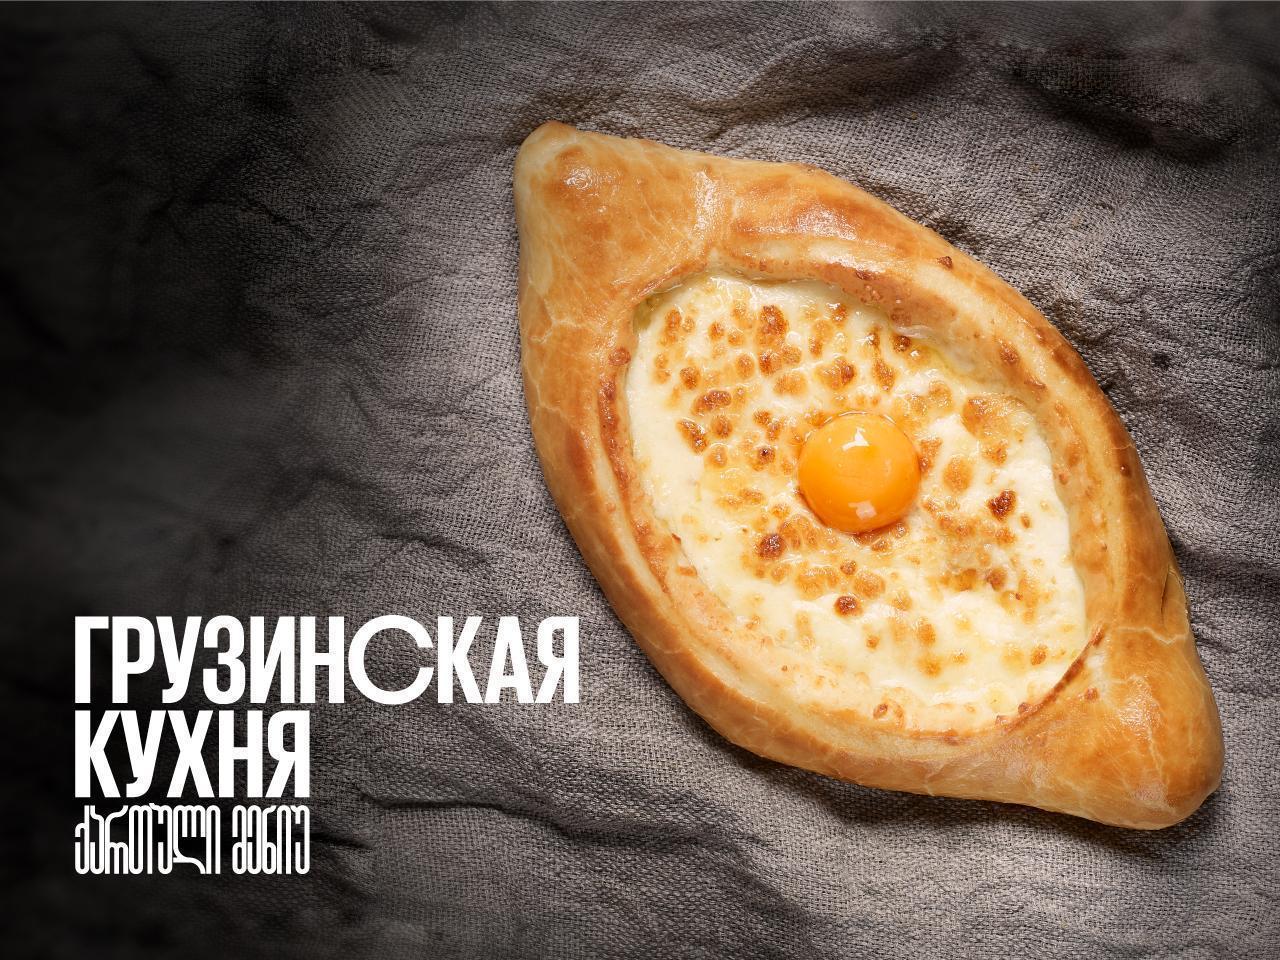 Чайхона №1 в Сочи представляет новое грузинское меню